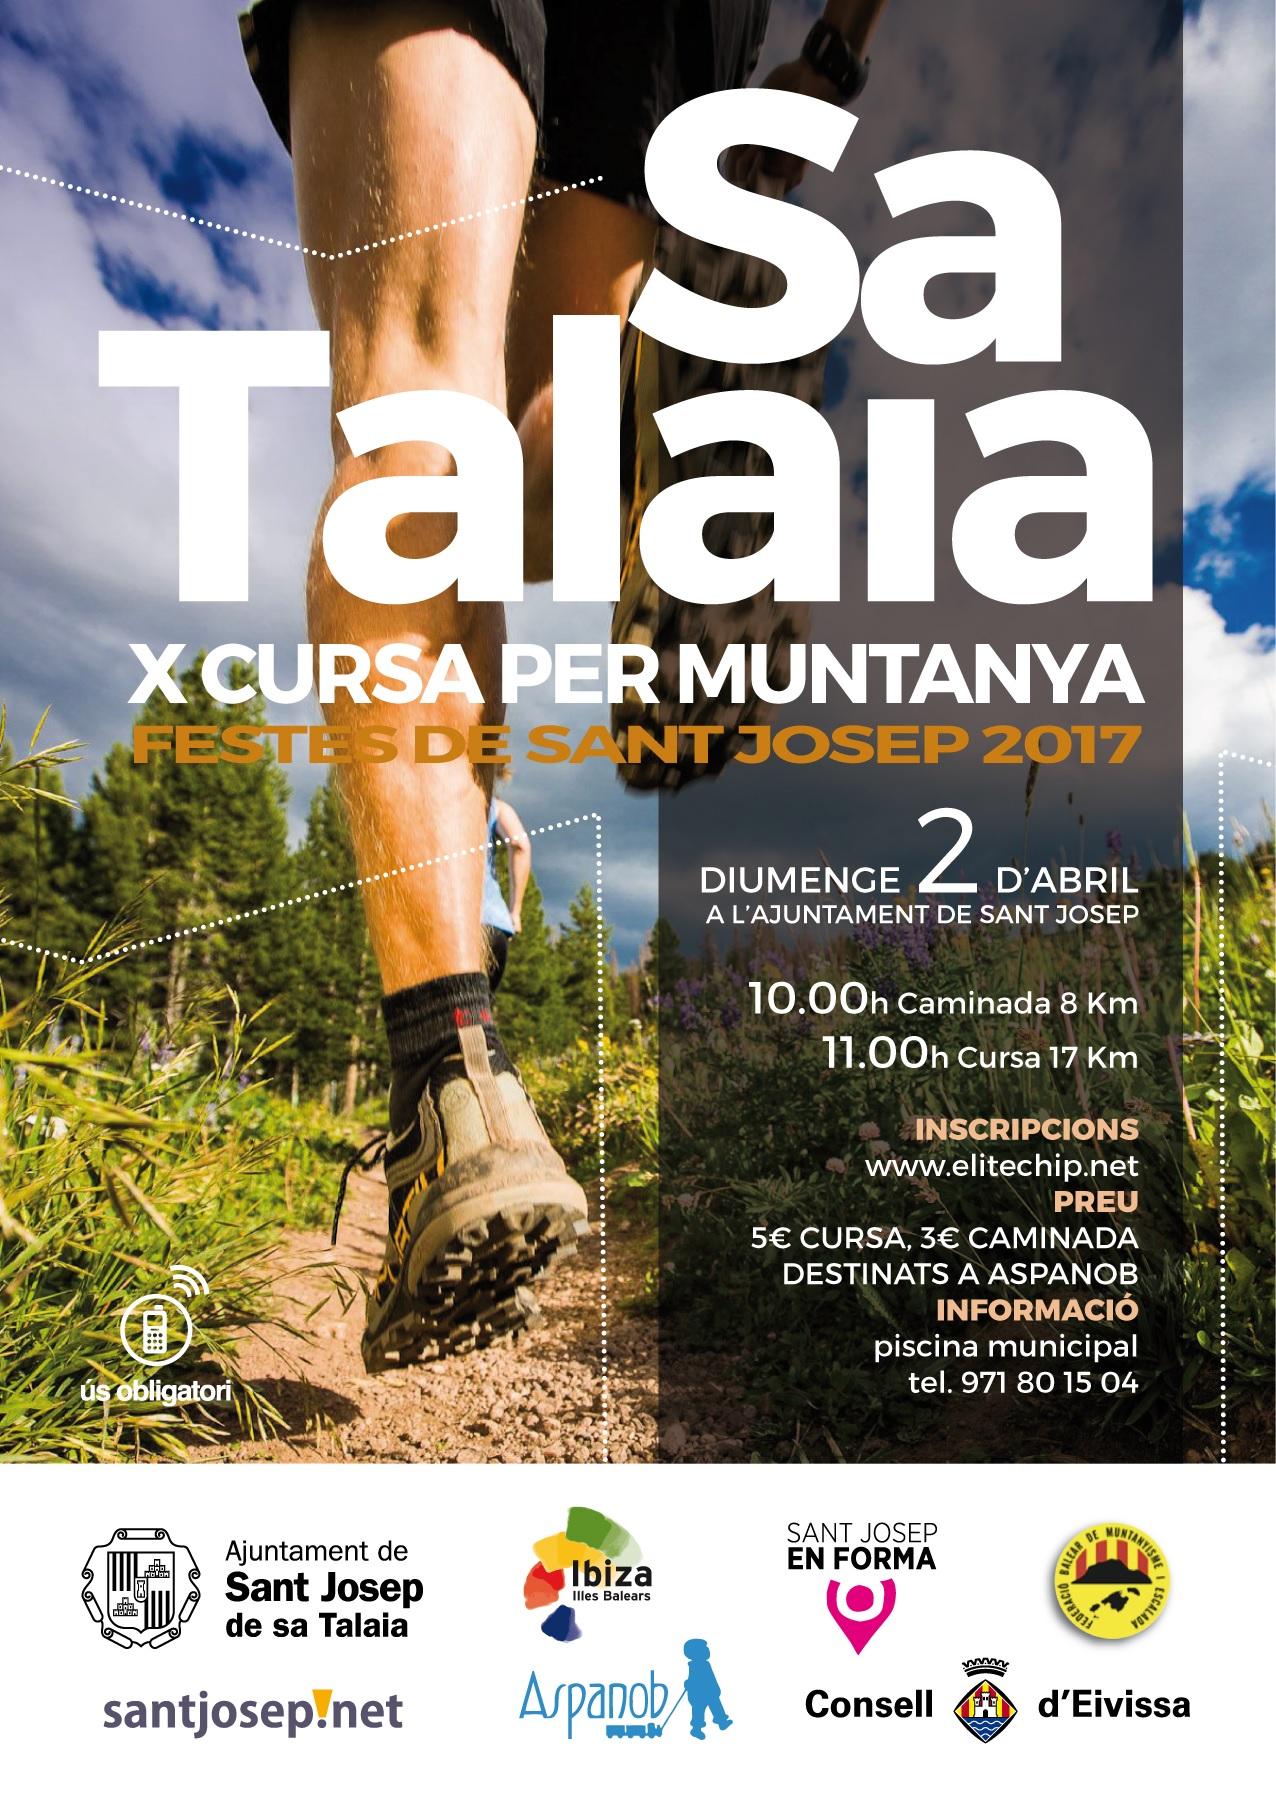 cursa per muntanya 2017